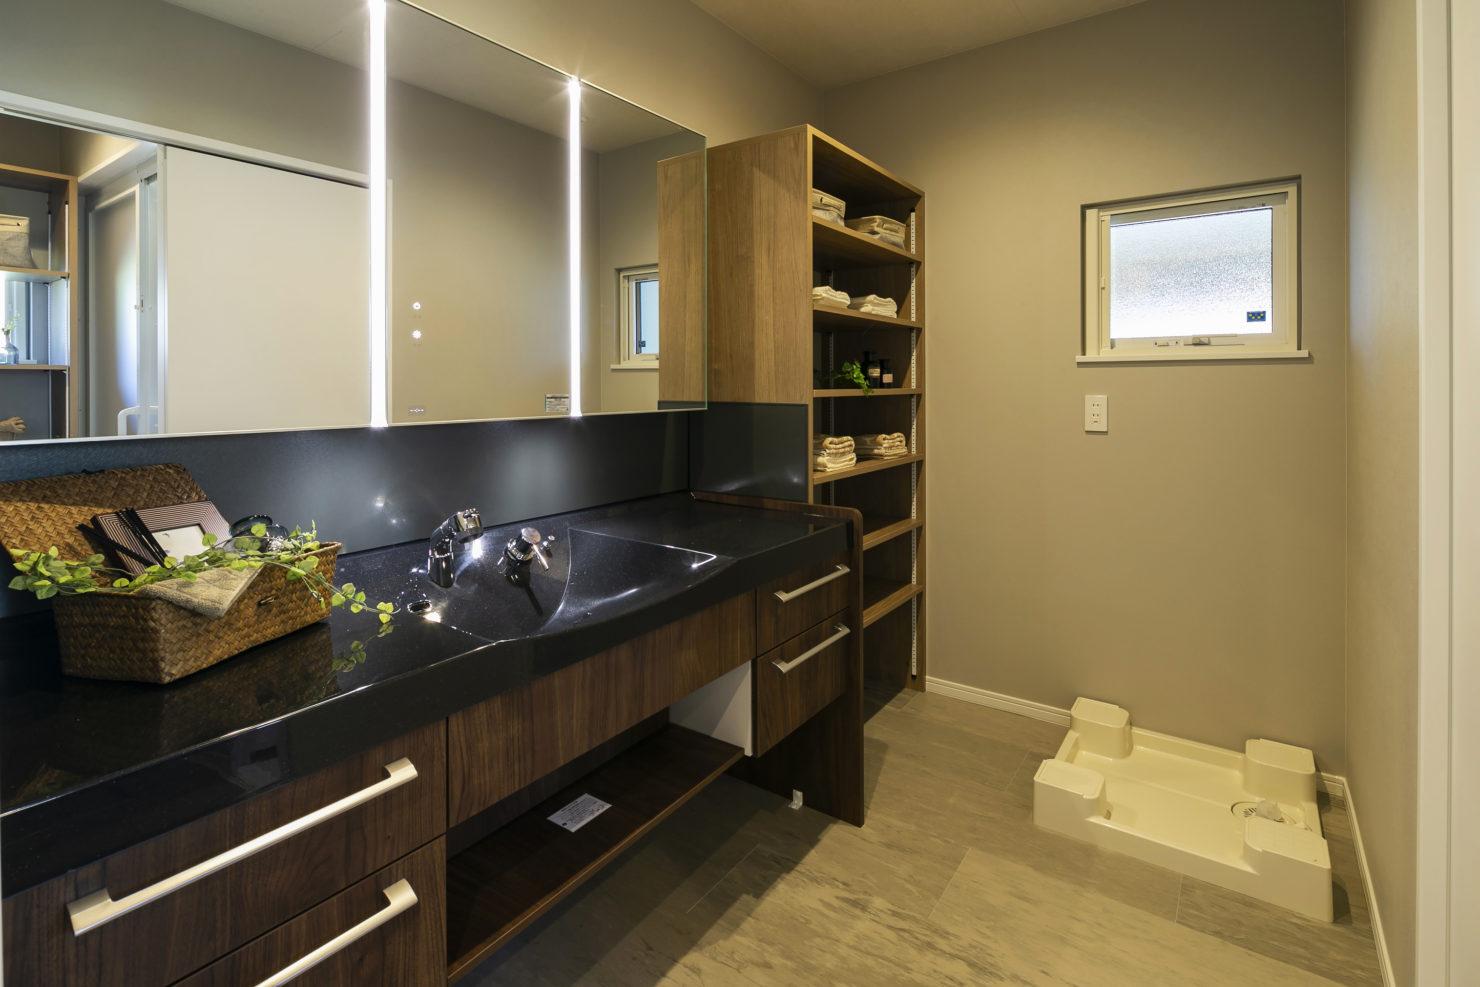 ハウスM21「3世代で快適に暮らすインナーガレージ併設住宅」洗面写真